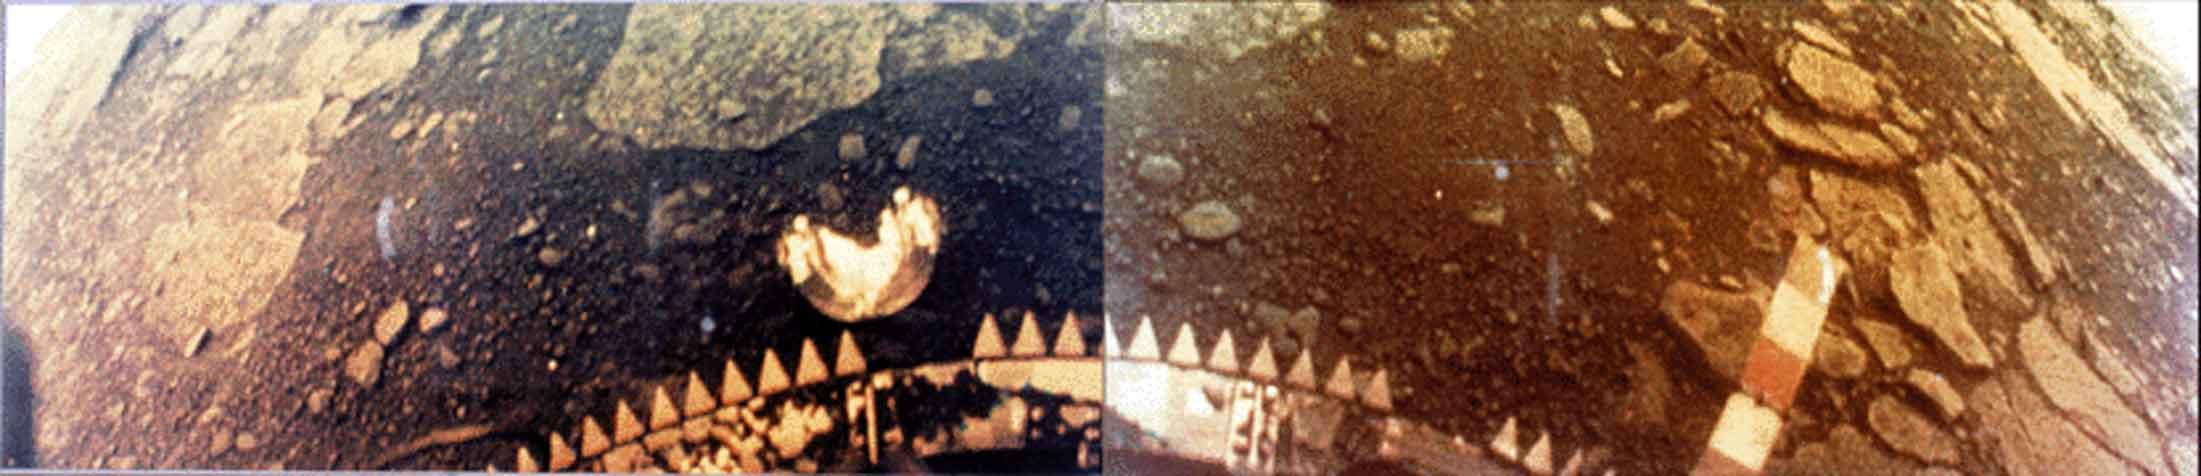 Венера 13, снимок VG00261,262